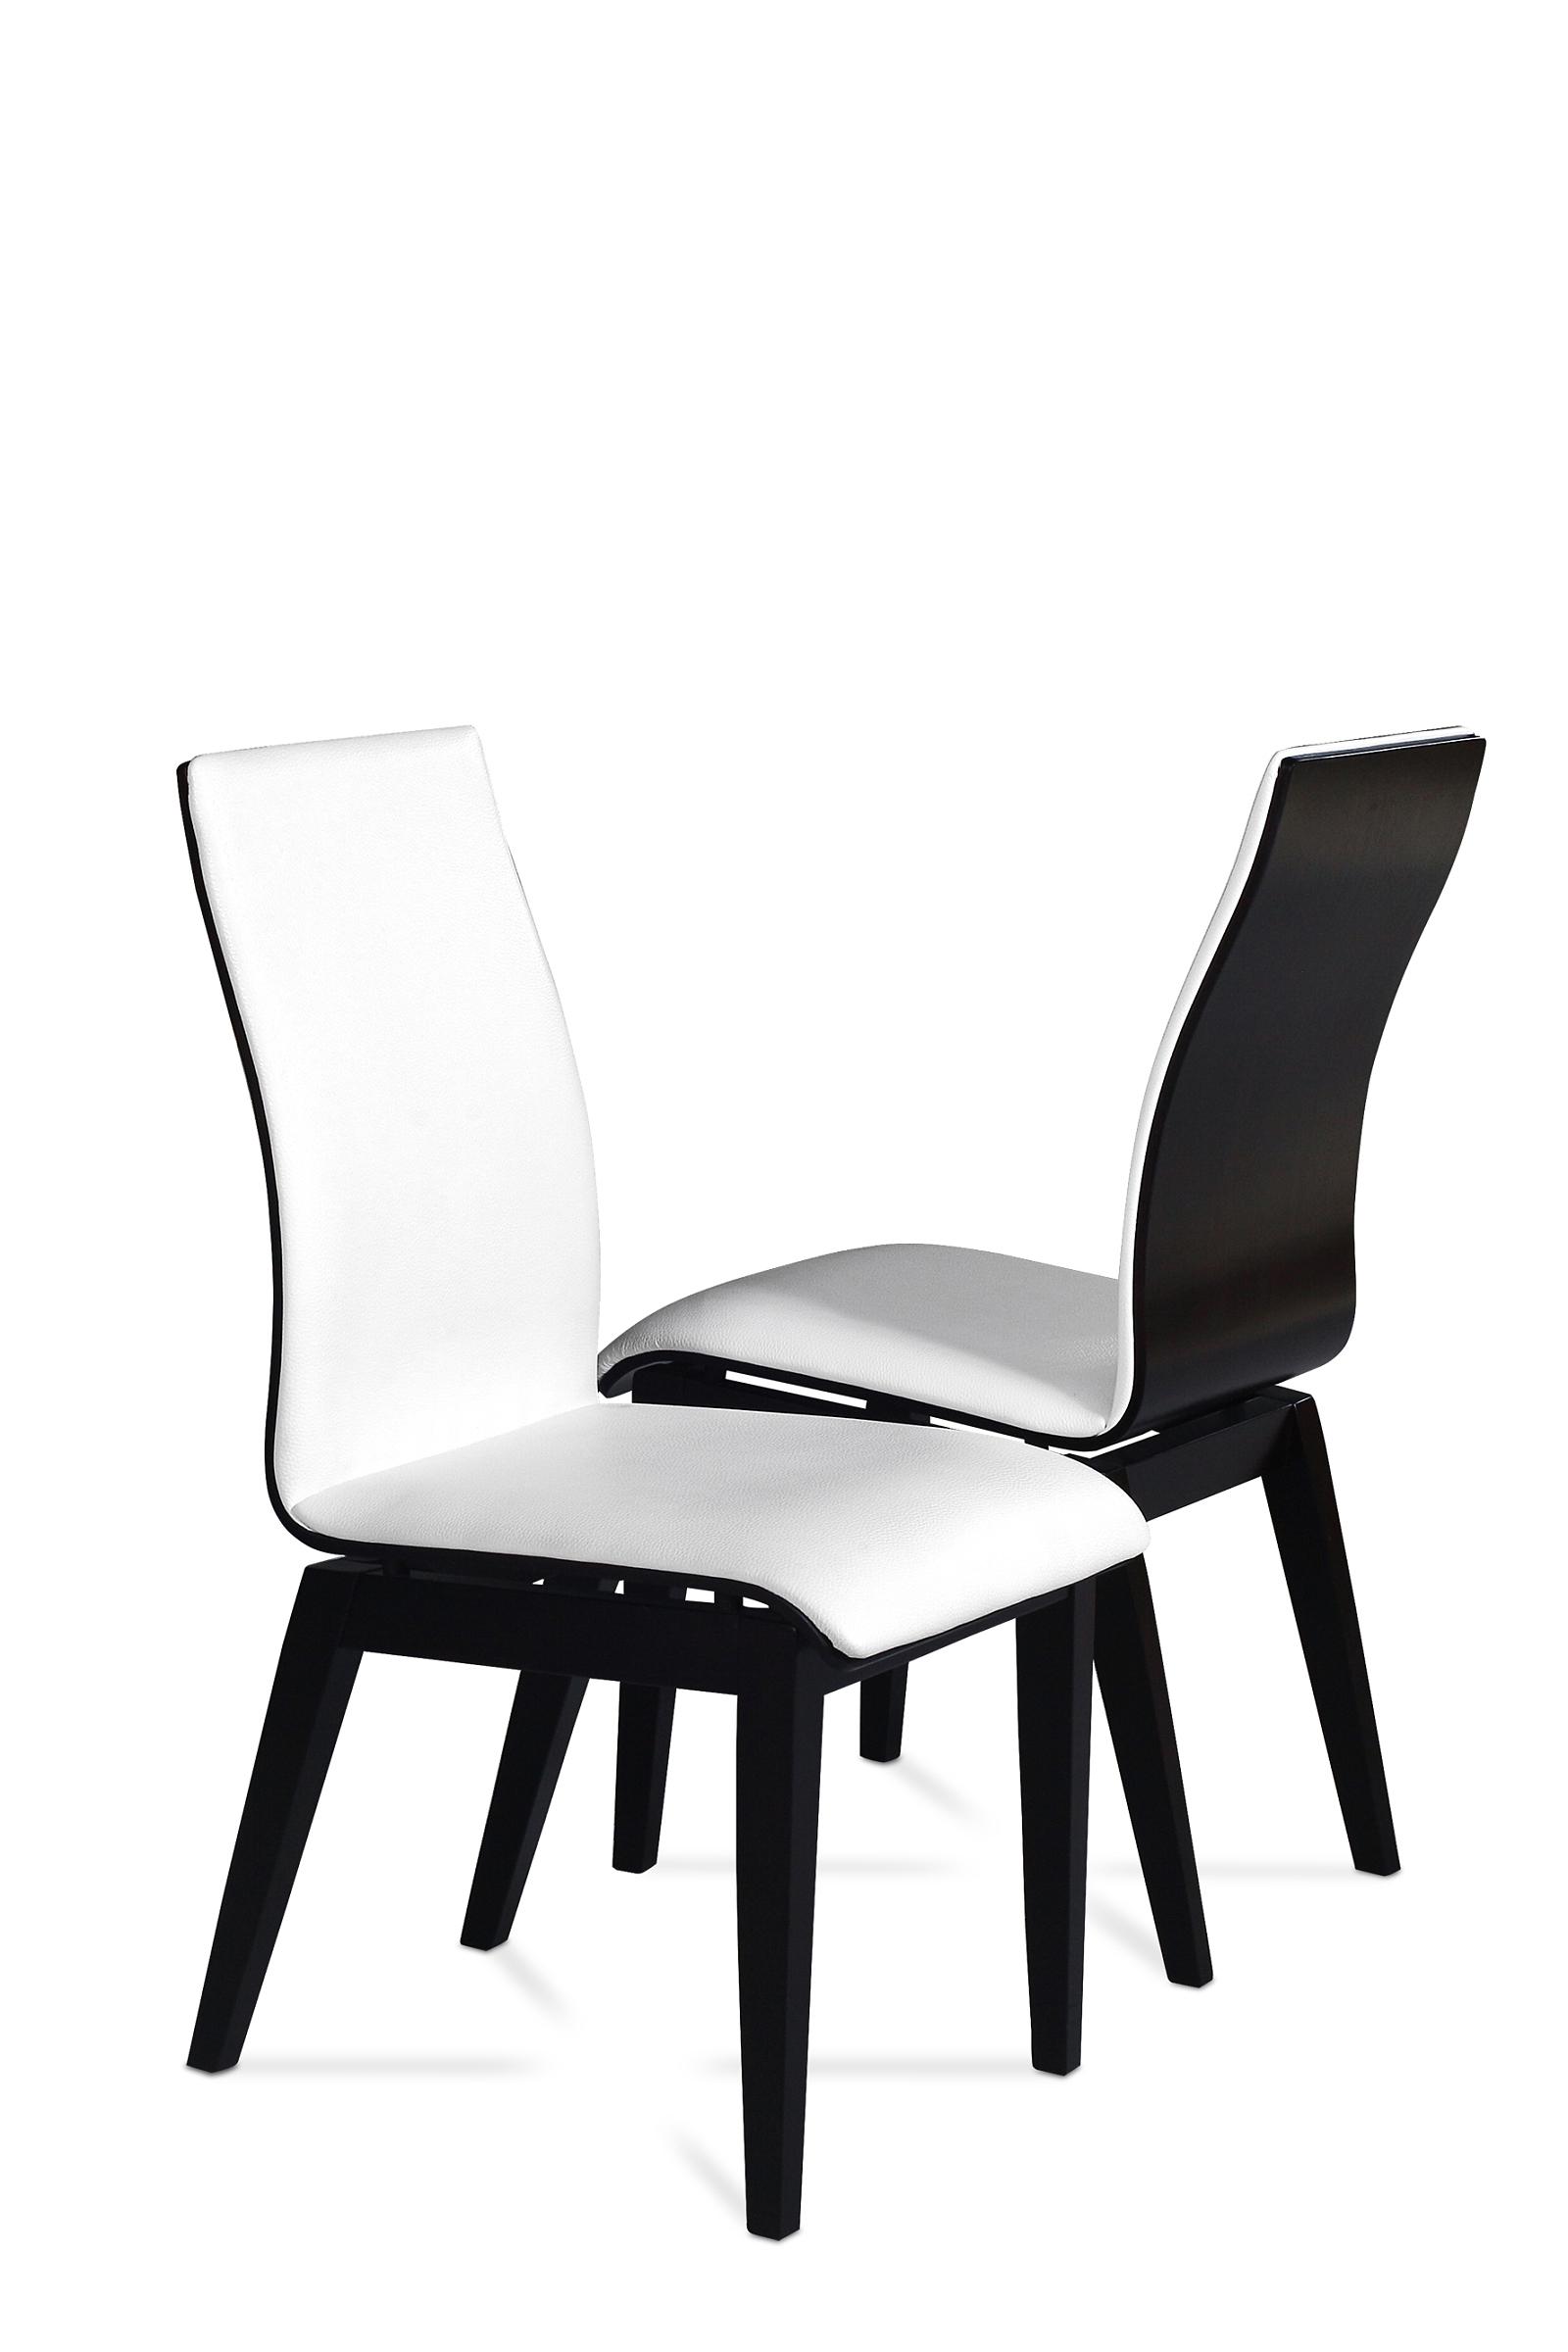 Belissa nowoczesne krzesła do jadalni białe siedzisko czarny